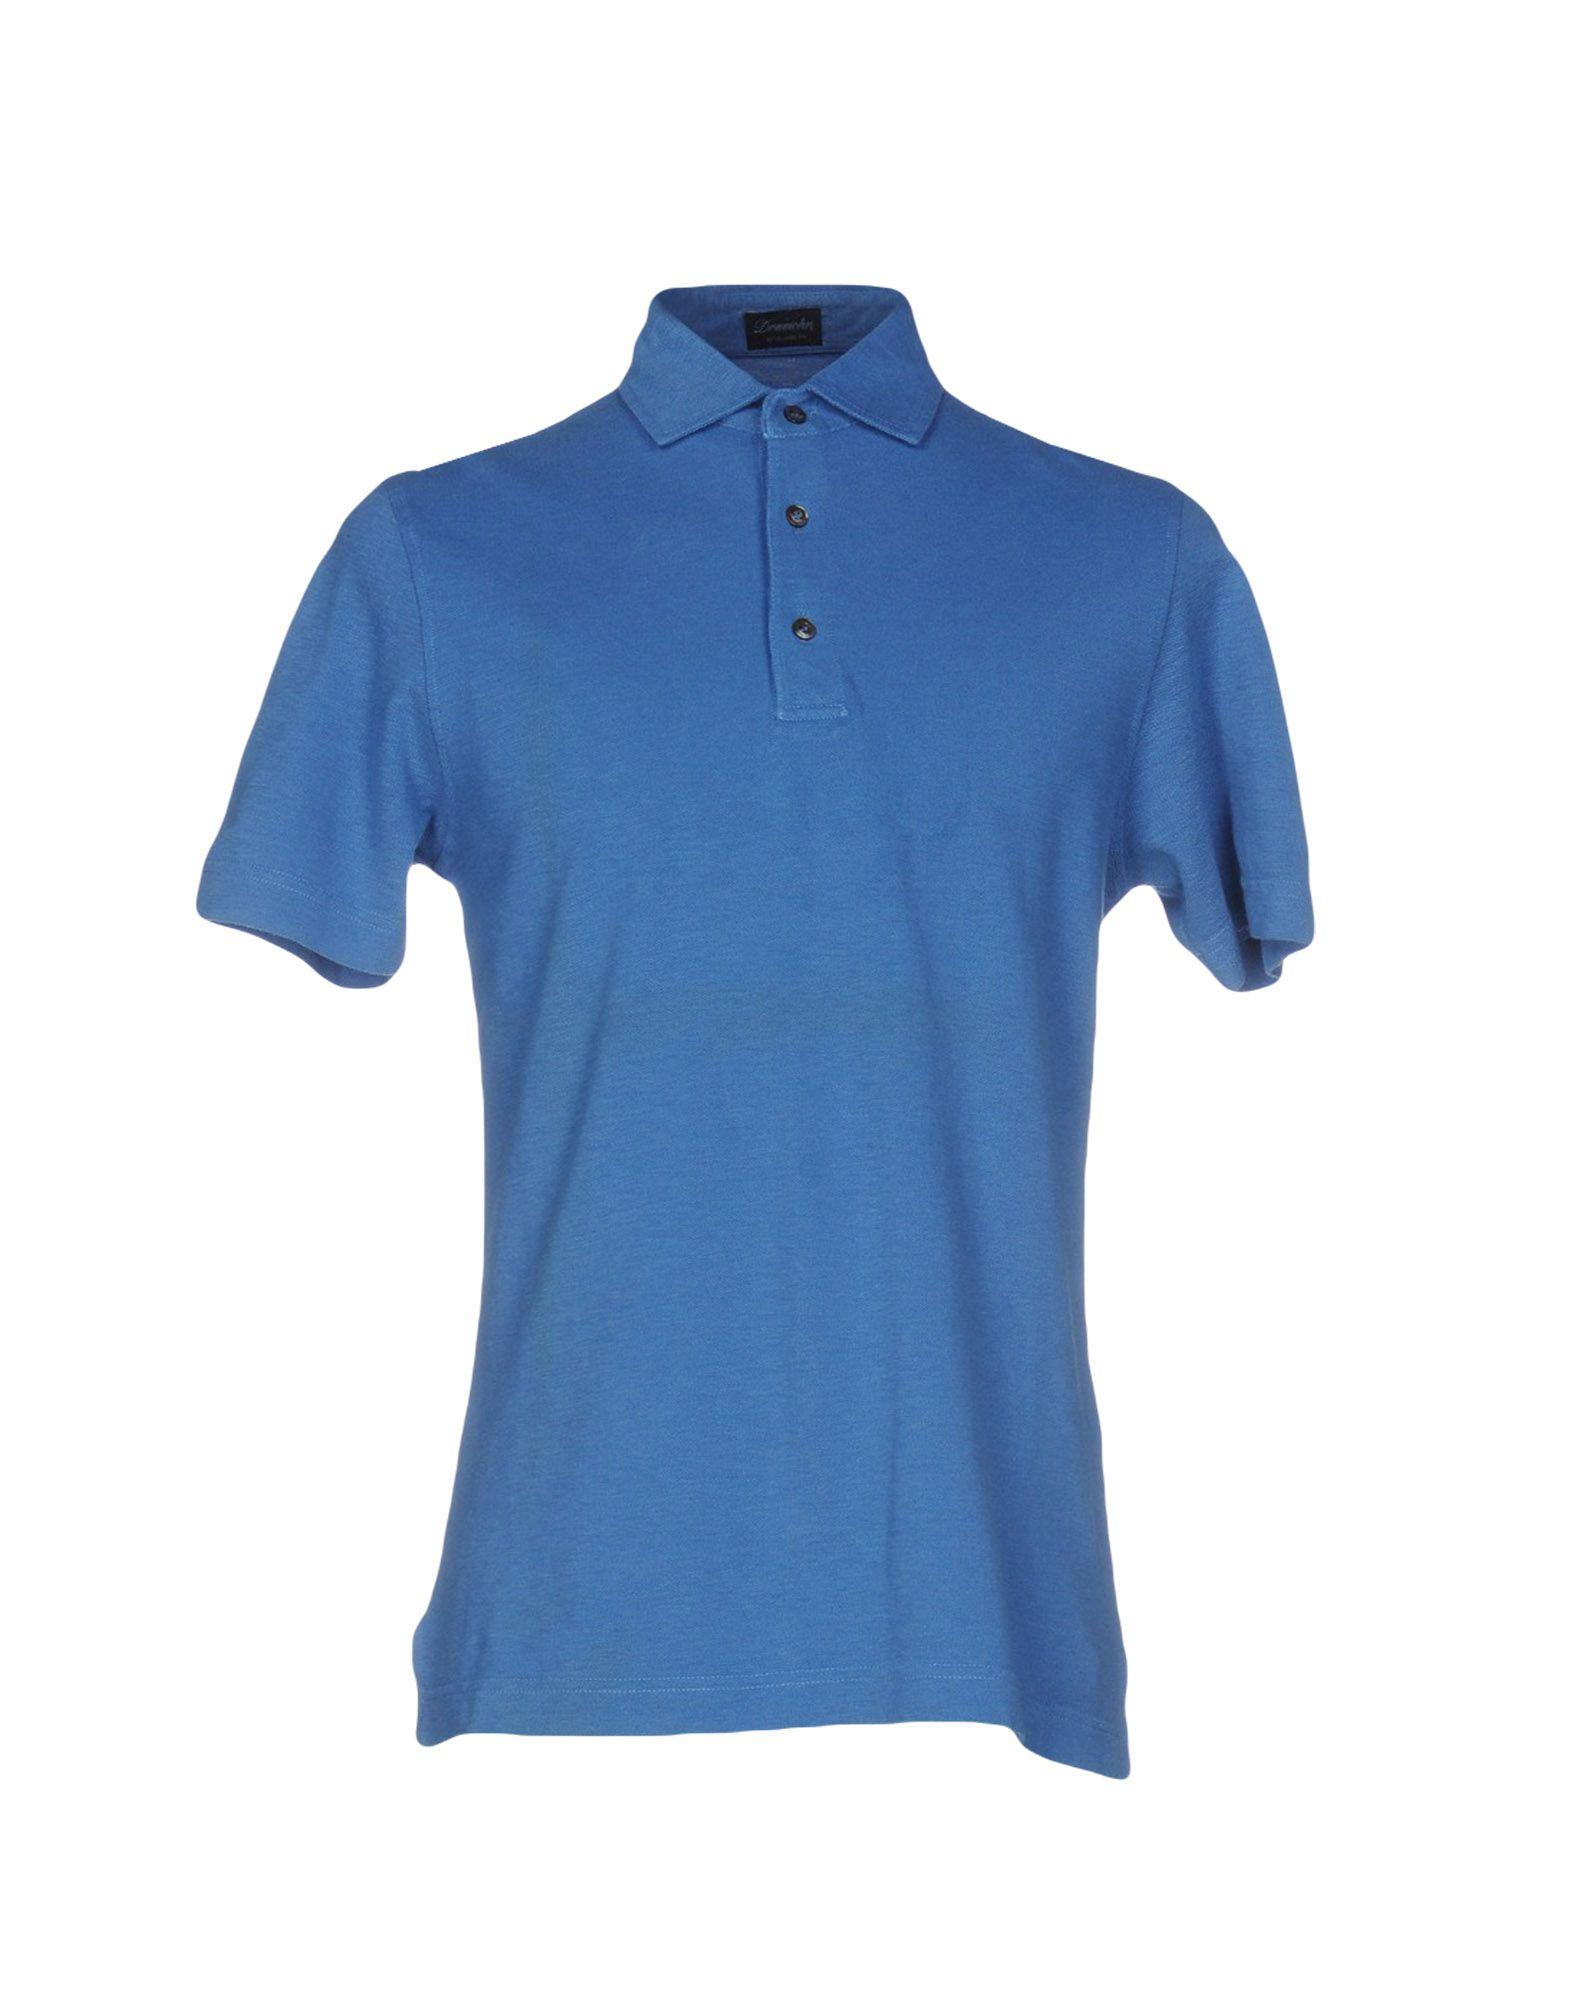 《送料無料》DRUMOHR メンズ ポロシャツ パステルブルー S コットン 100%